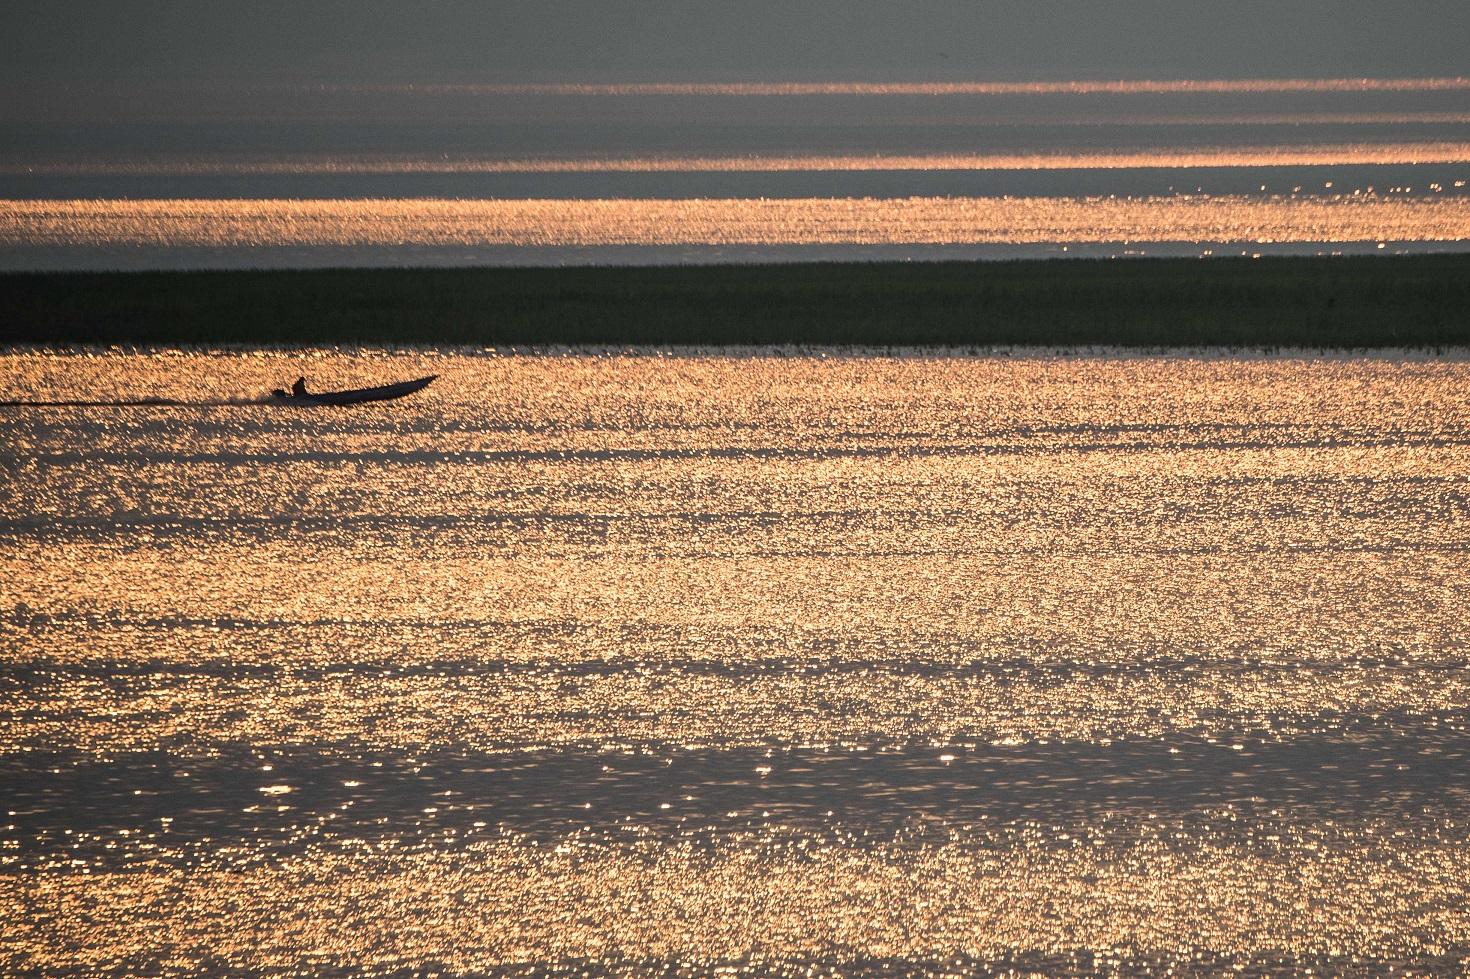 Mesmo em menor número, a Bacia do Rio Negro também tem suas histórias de invasões e conflitos. Foto Christophe Simon/AFP